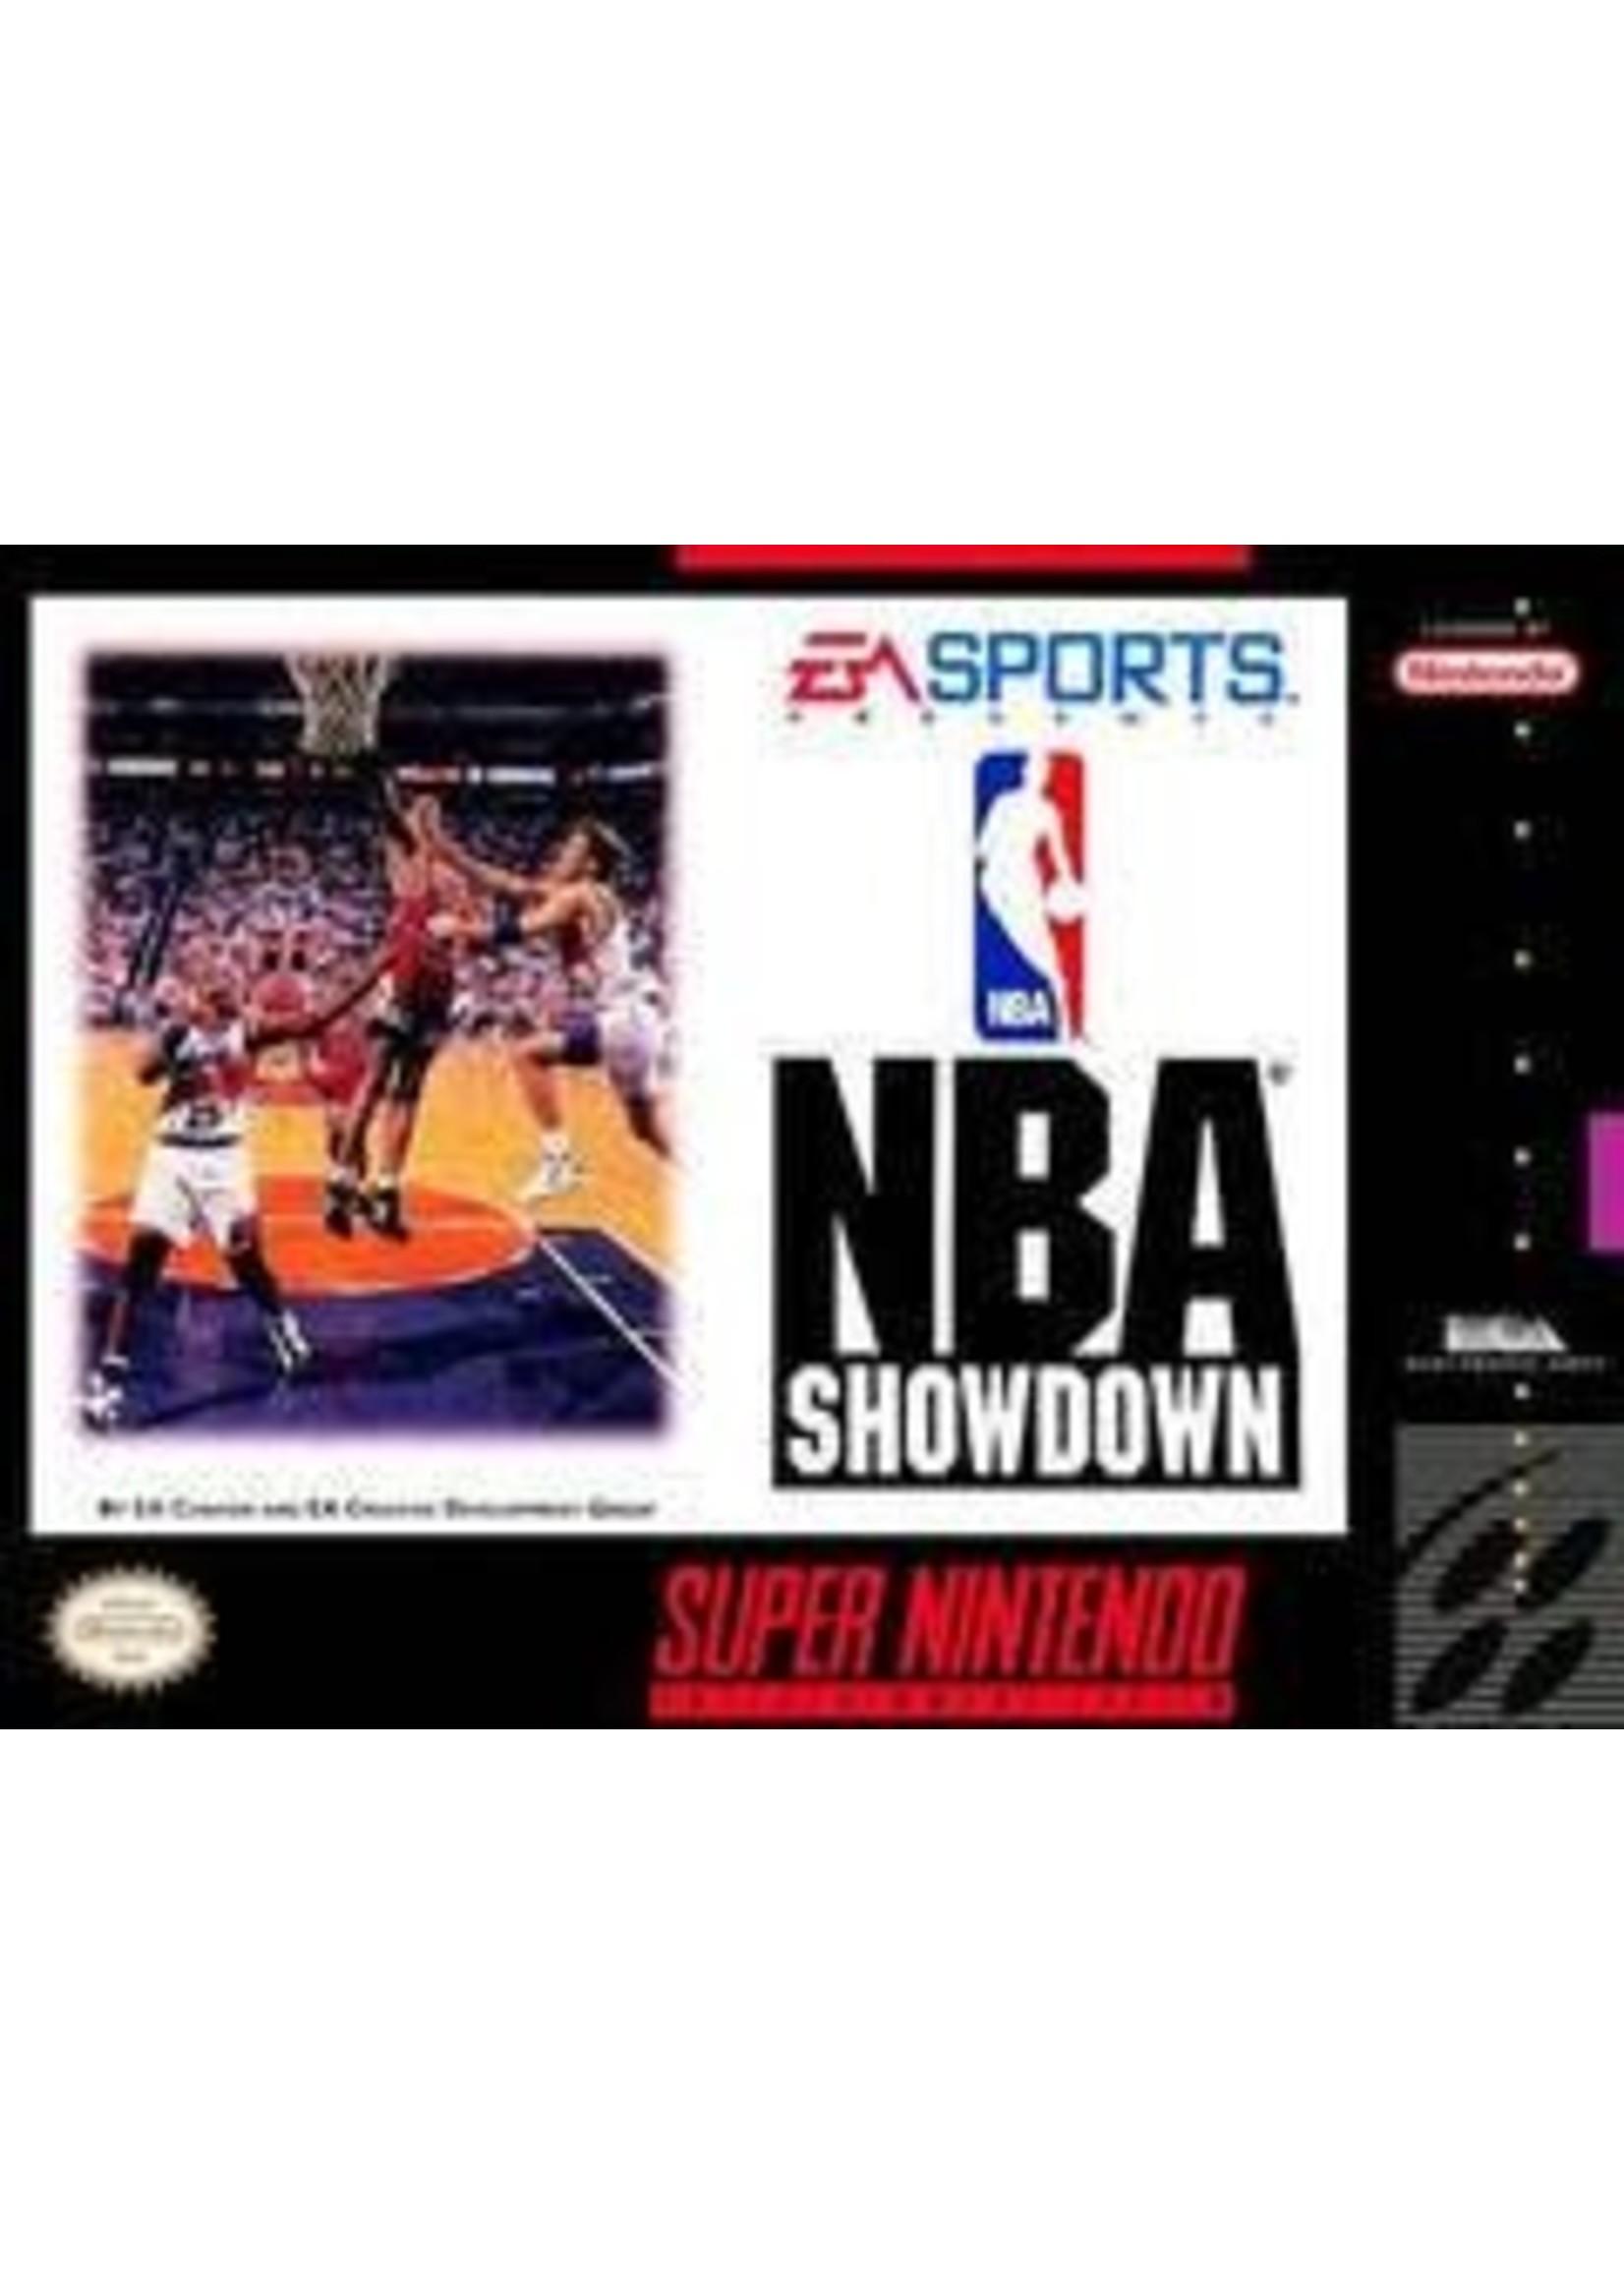 NBA Showdown Super Nintendo